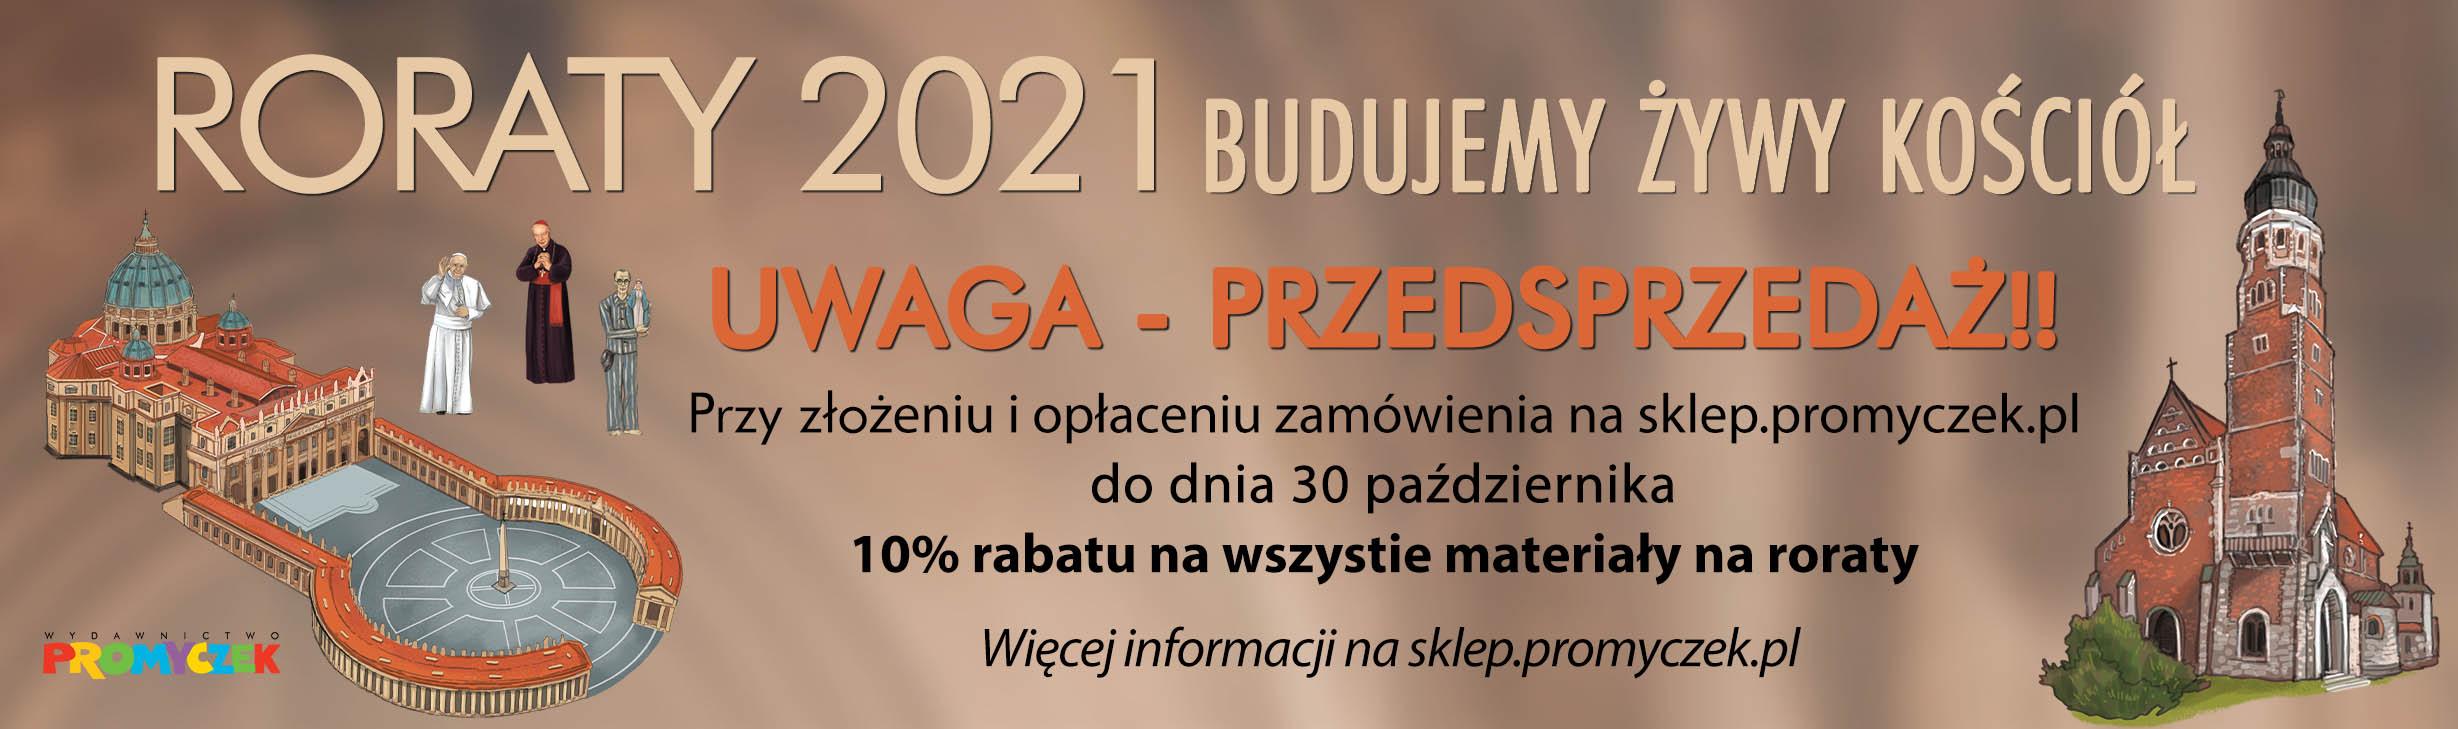 Roraty 2021 Przedsprzedaż sklep